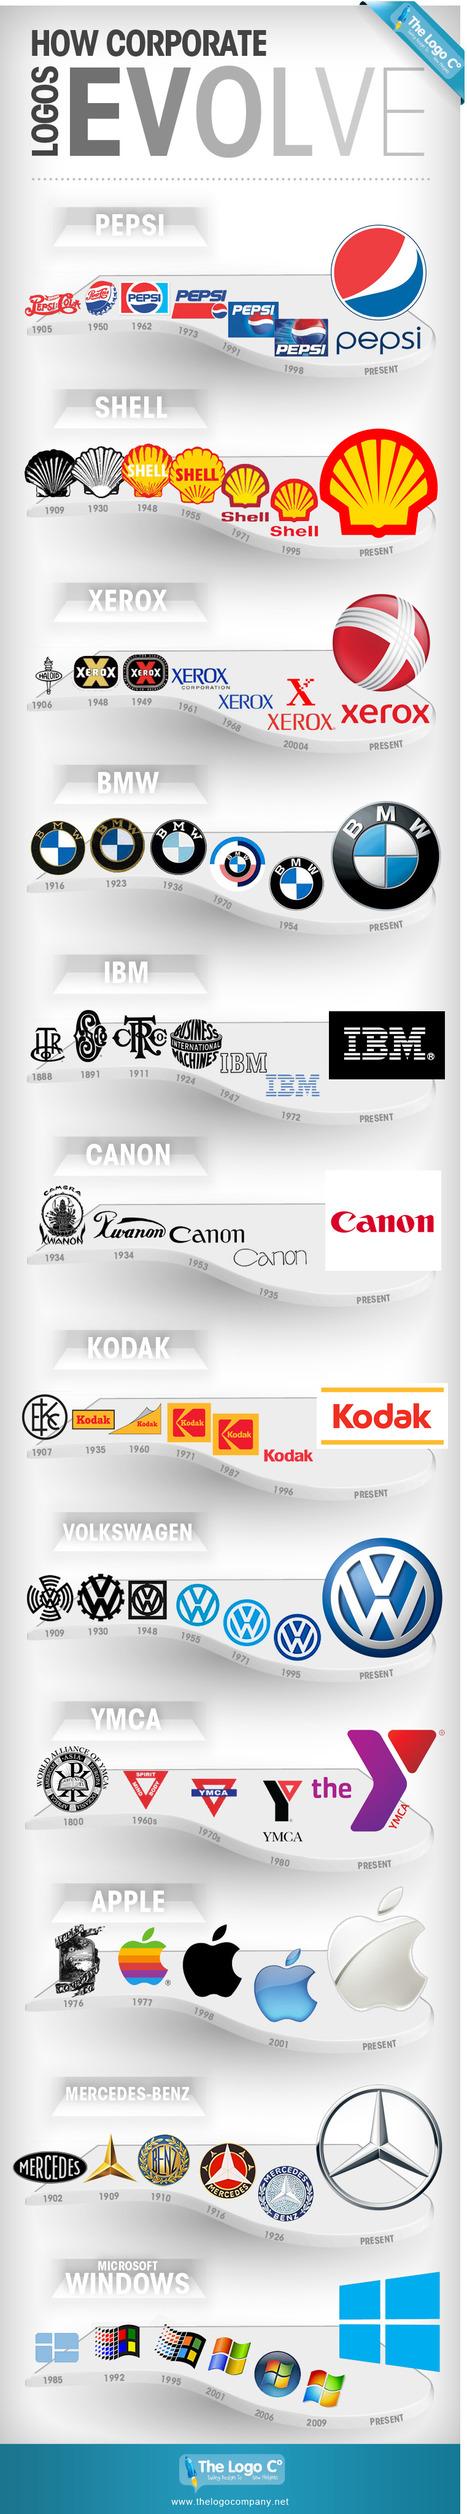 Comment les logos de marque évoluent [Infographie] | Universelweb agence web & communication | Scoop.it